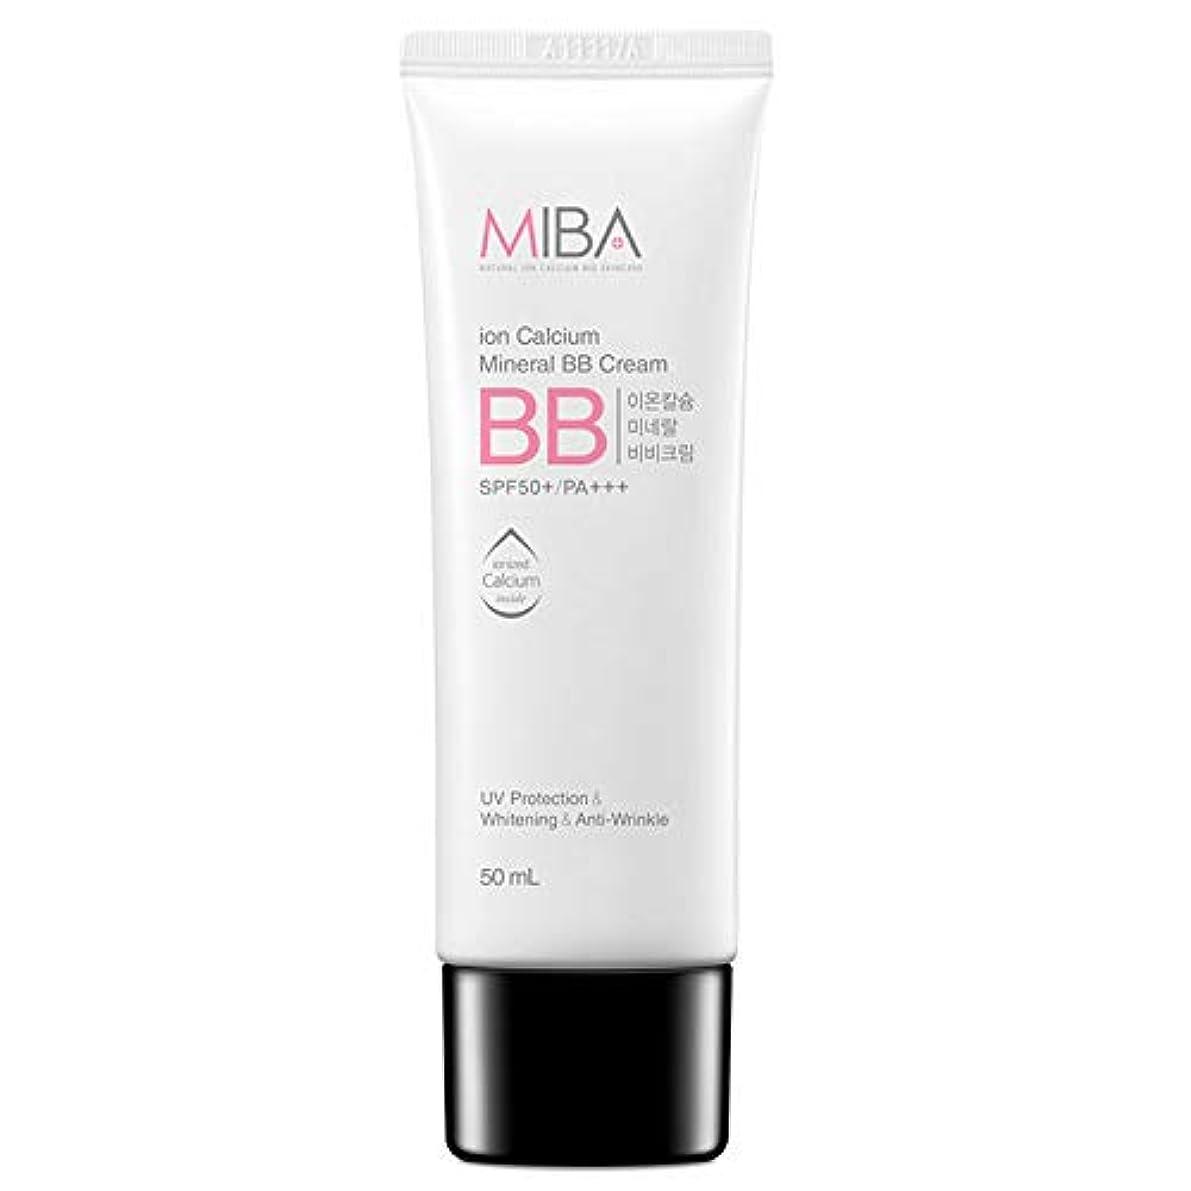 救い経験者苦行スキンDr ミバ IC ミネラルBBクリーム SPF50+/ PA+++ / MIBA Ion Calcium Mineral BB Cream [正規品]